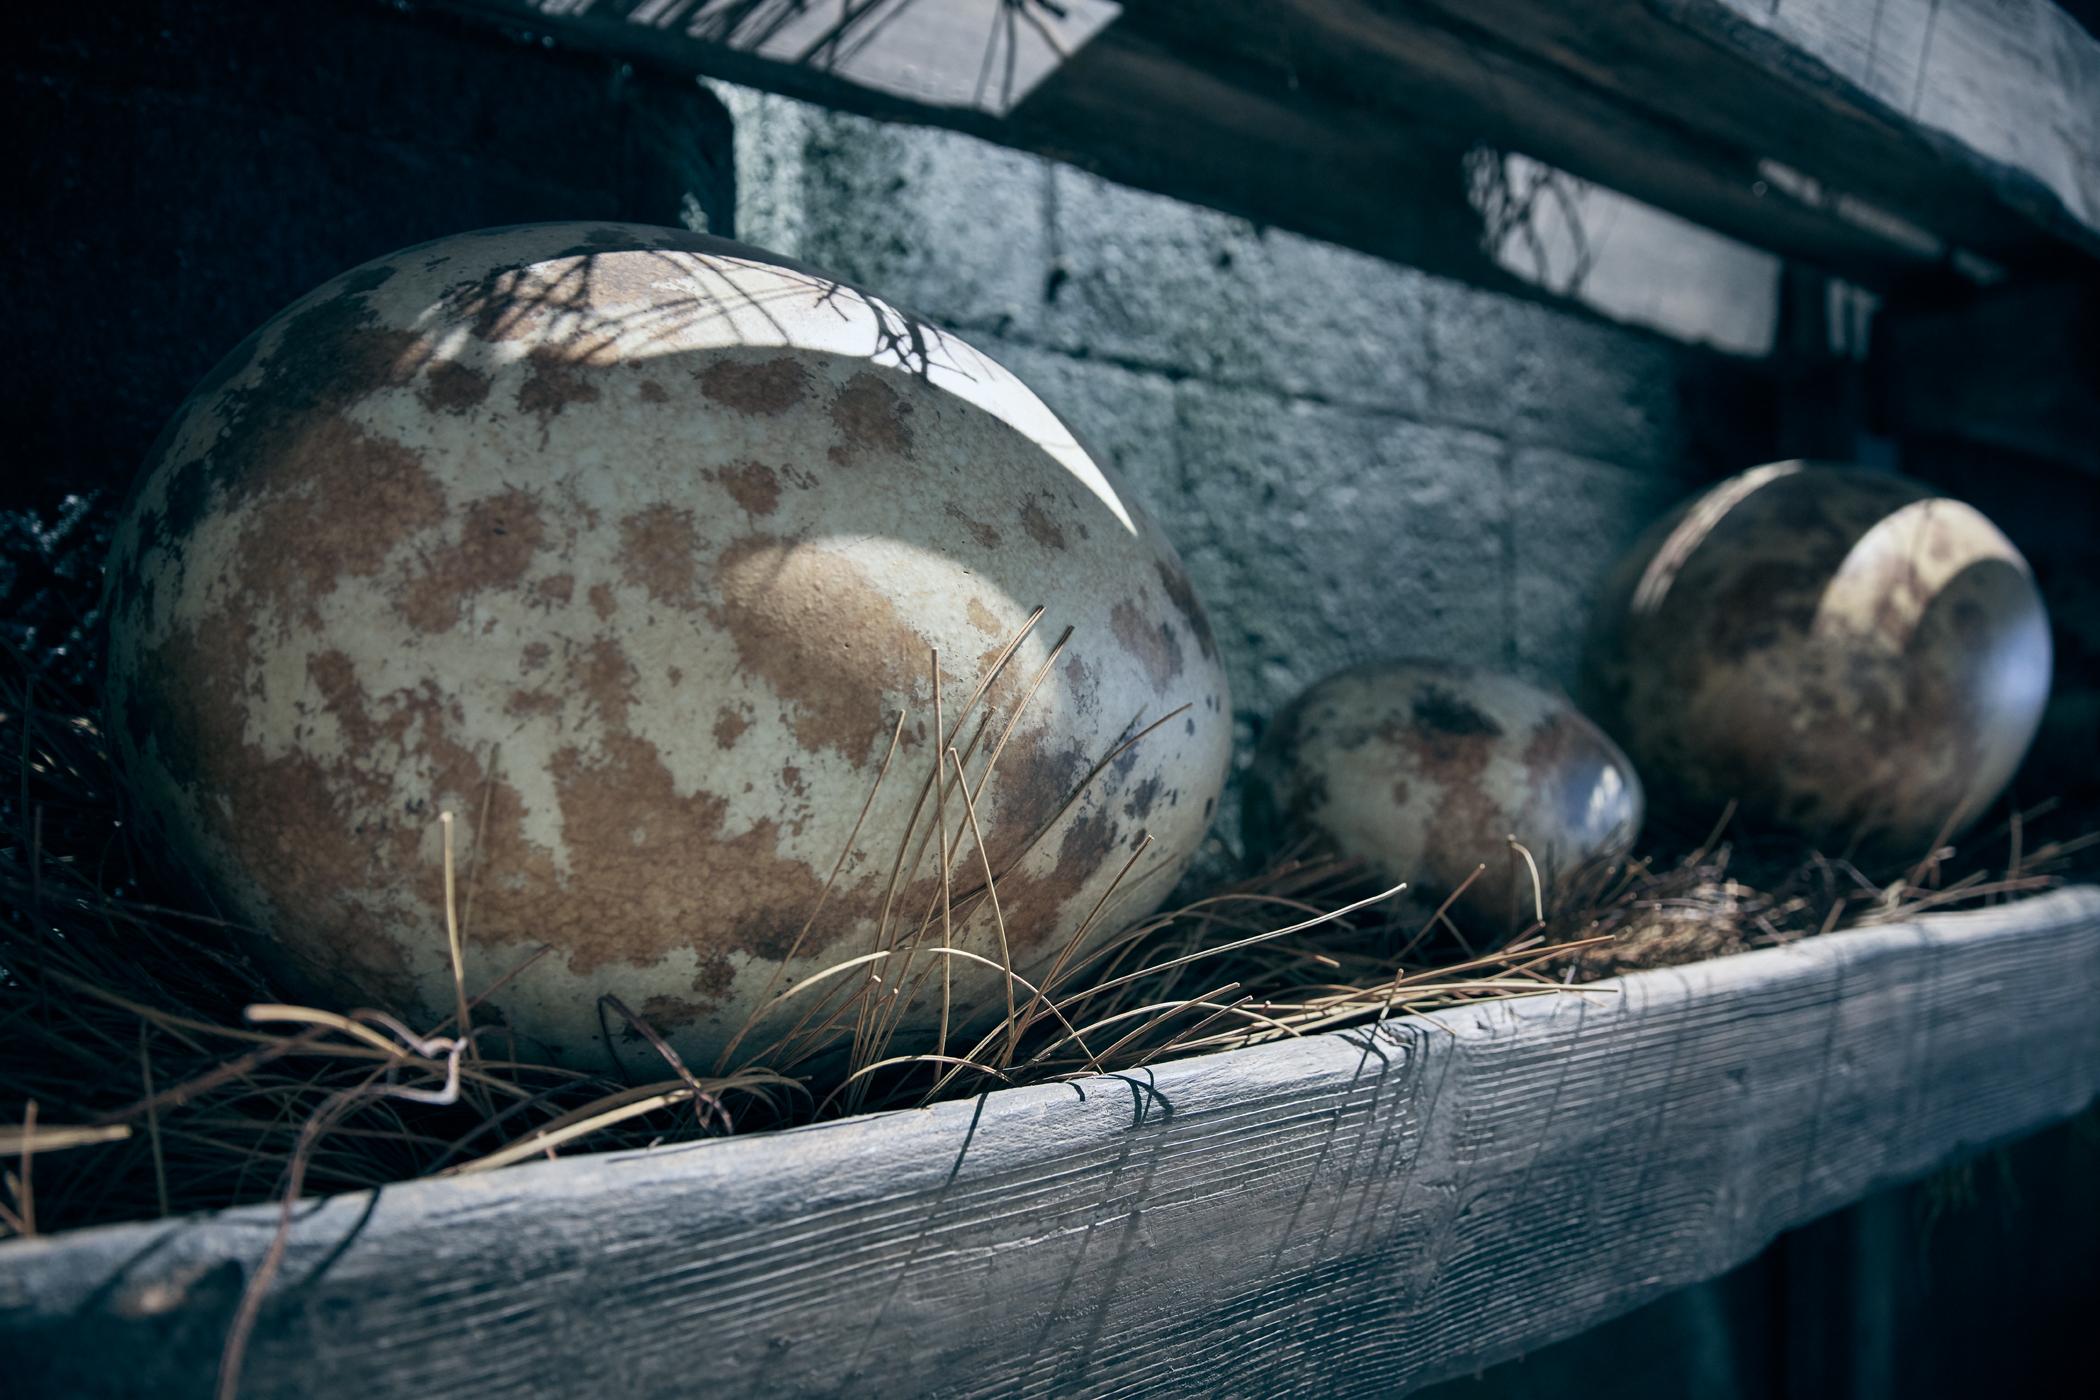 Egg Room